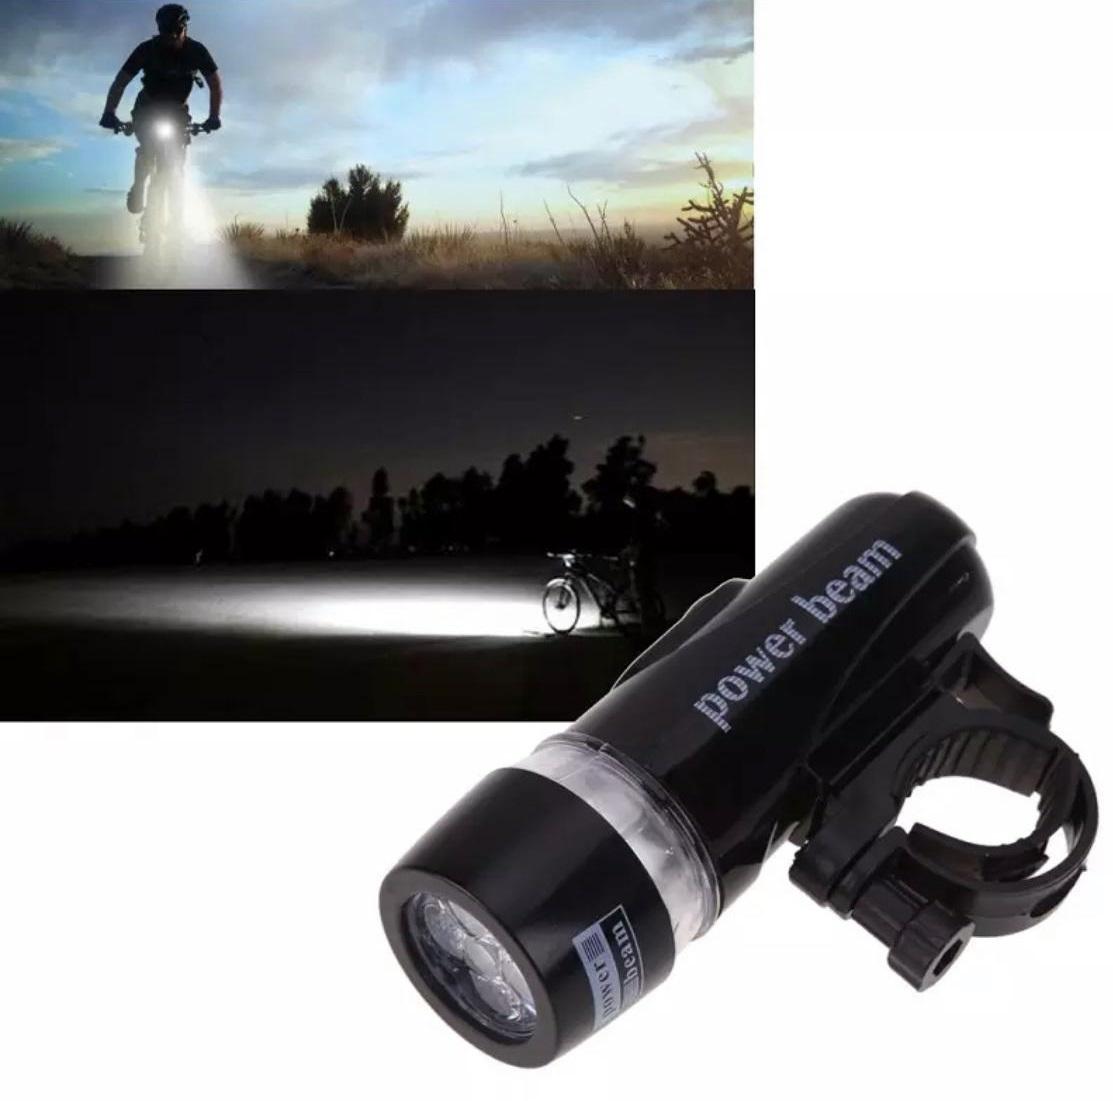 ATS-0563_5_LED_Torch_Flash_Light_Black_Bicycle.jpg